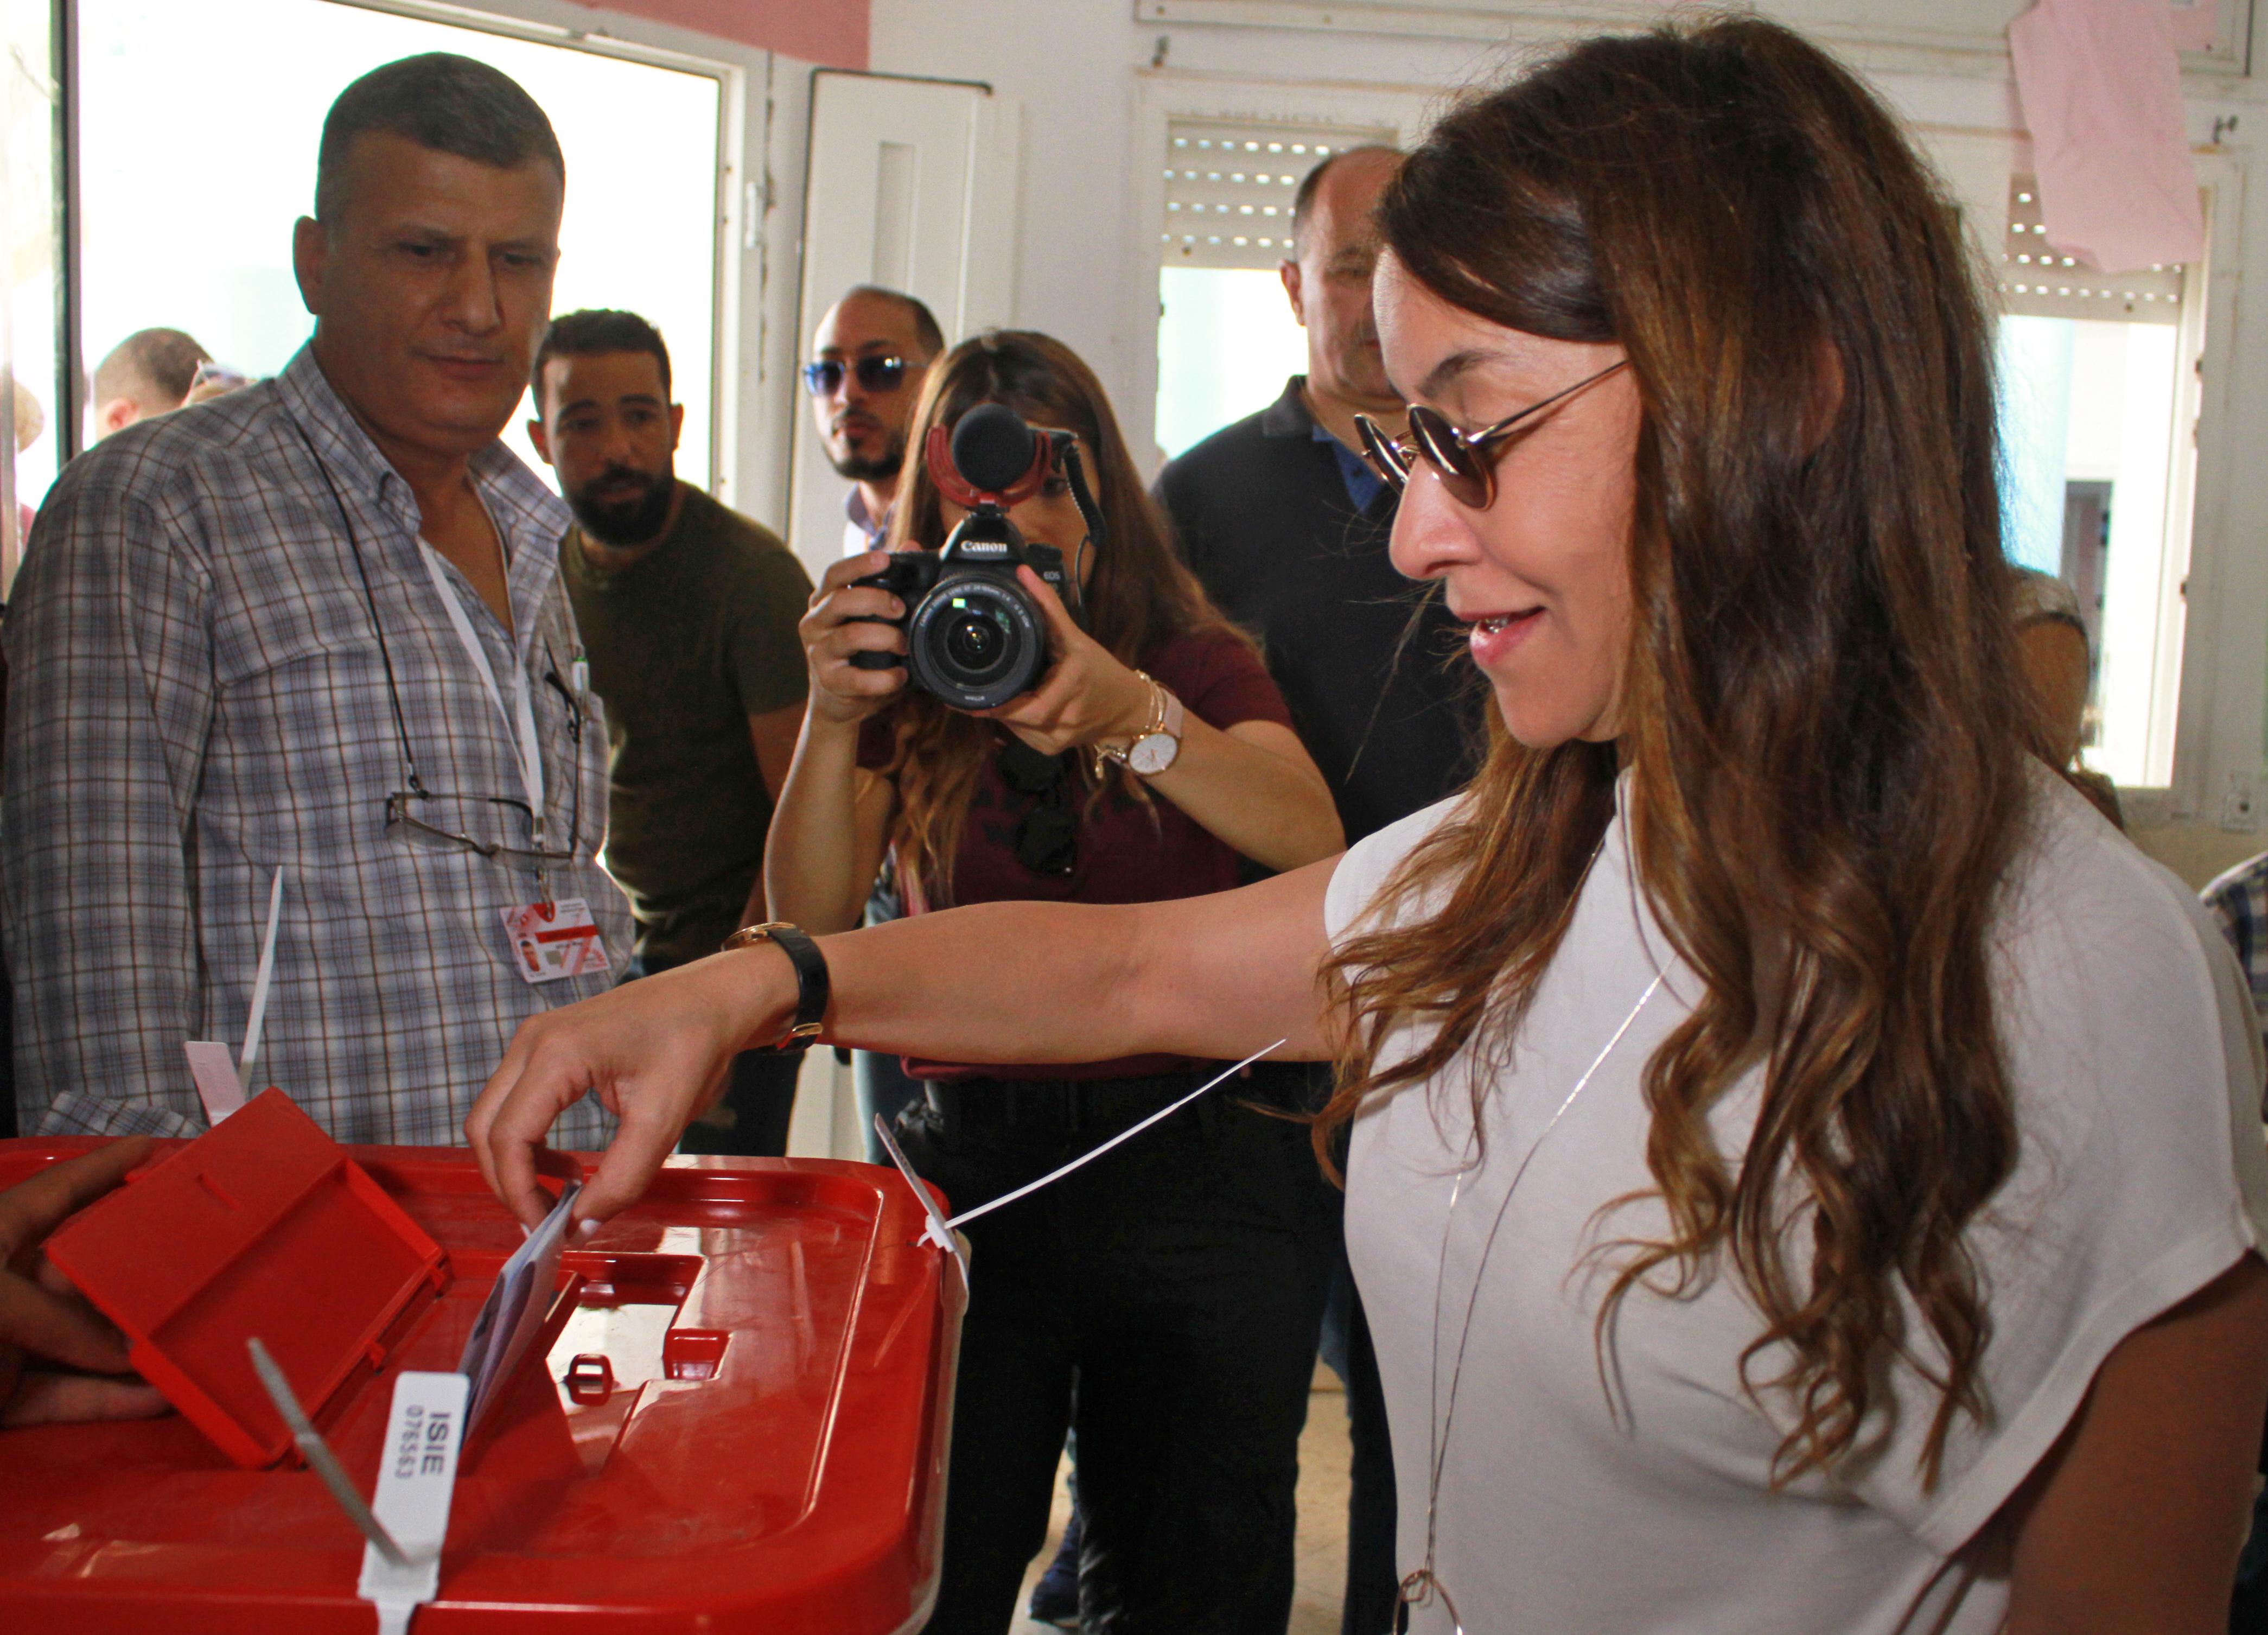 سلوى السماوي زوجة نبيل القروي المرشح للانتخابات الرئاسية التونسية لكنه يقبع في السجن بتُهم تبييض أموال